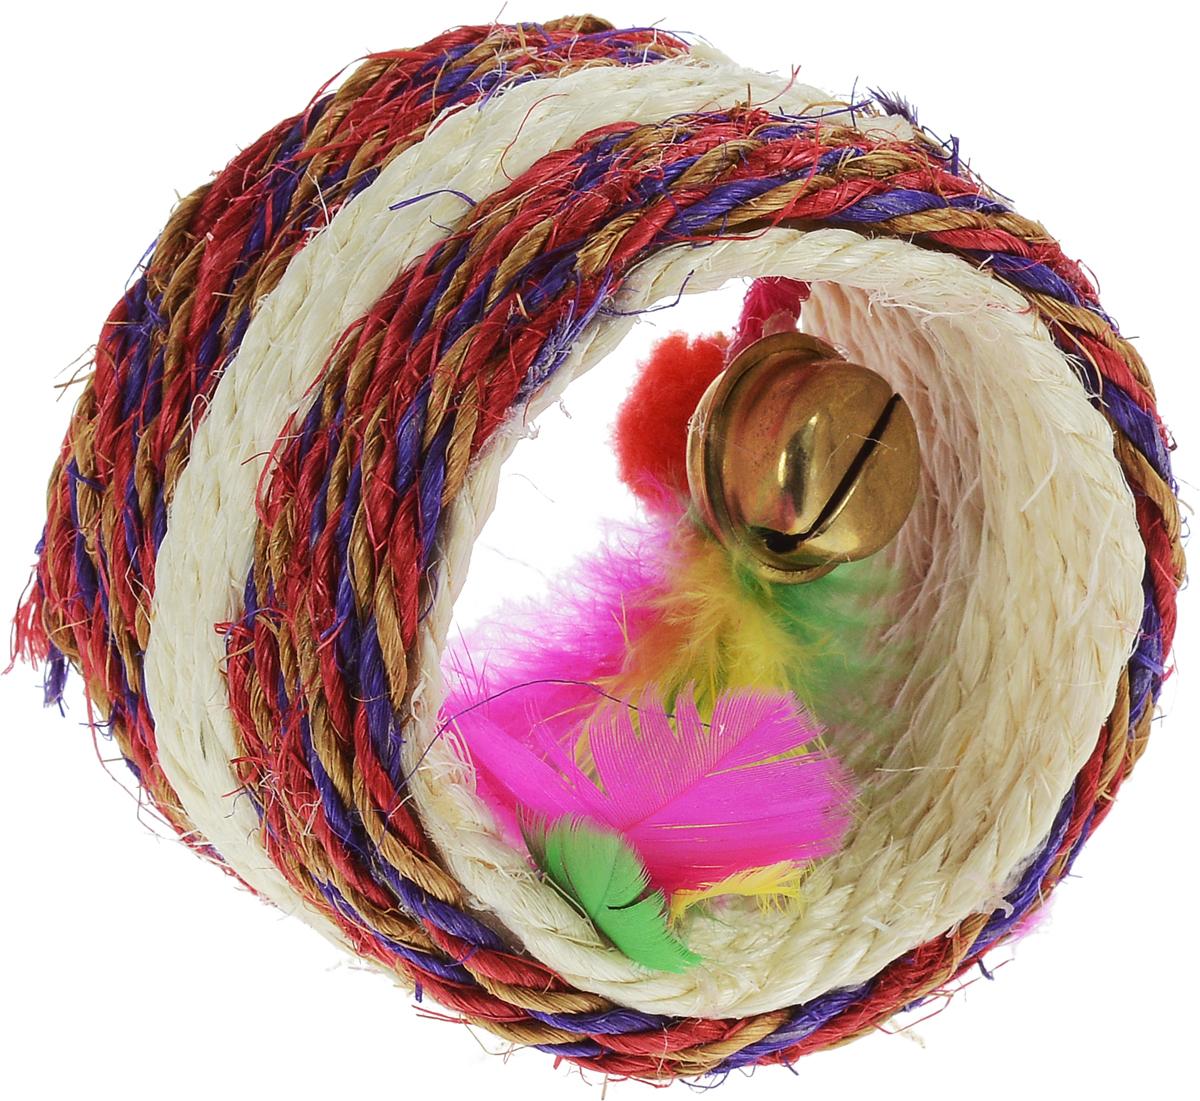 Когтеточка Triol Валик, диаметр 7,5 см когтеточки joy коврик когтеточка для кошек